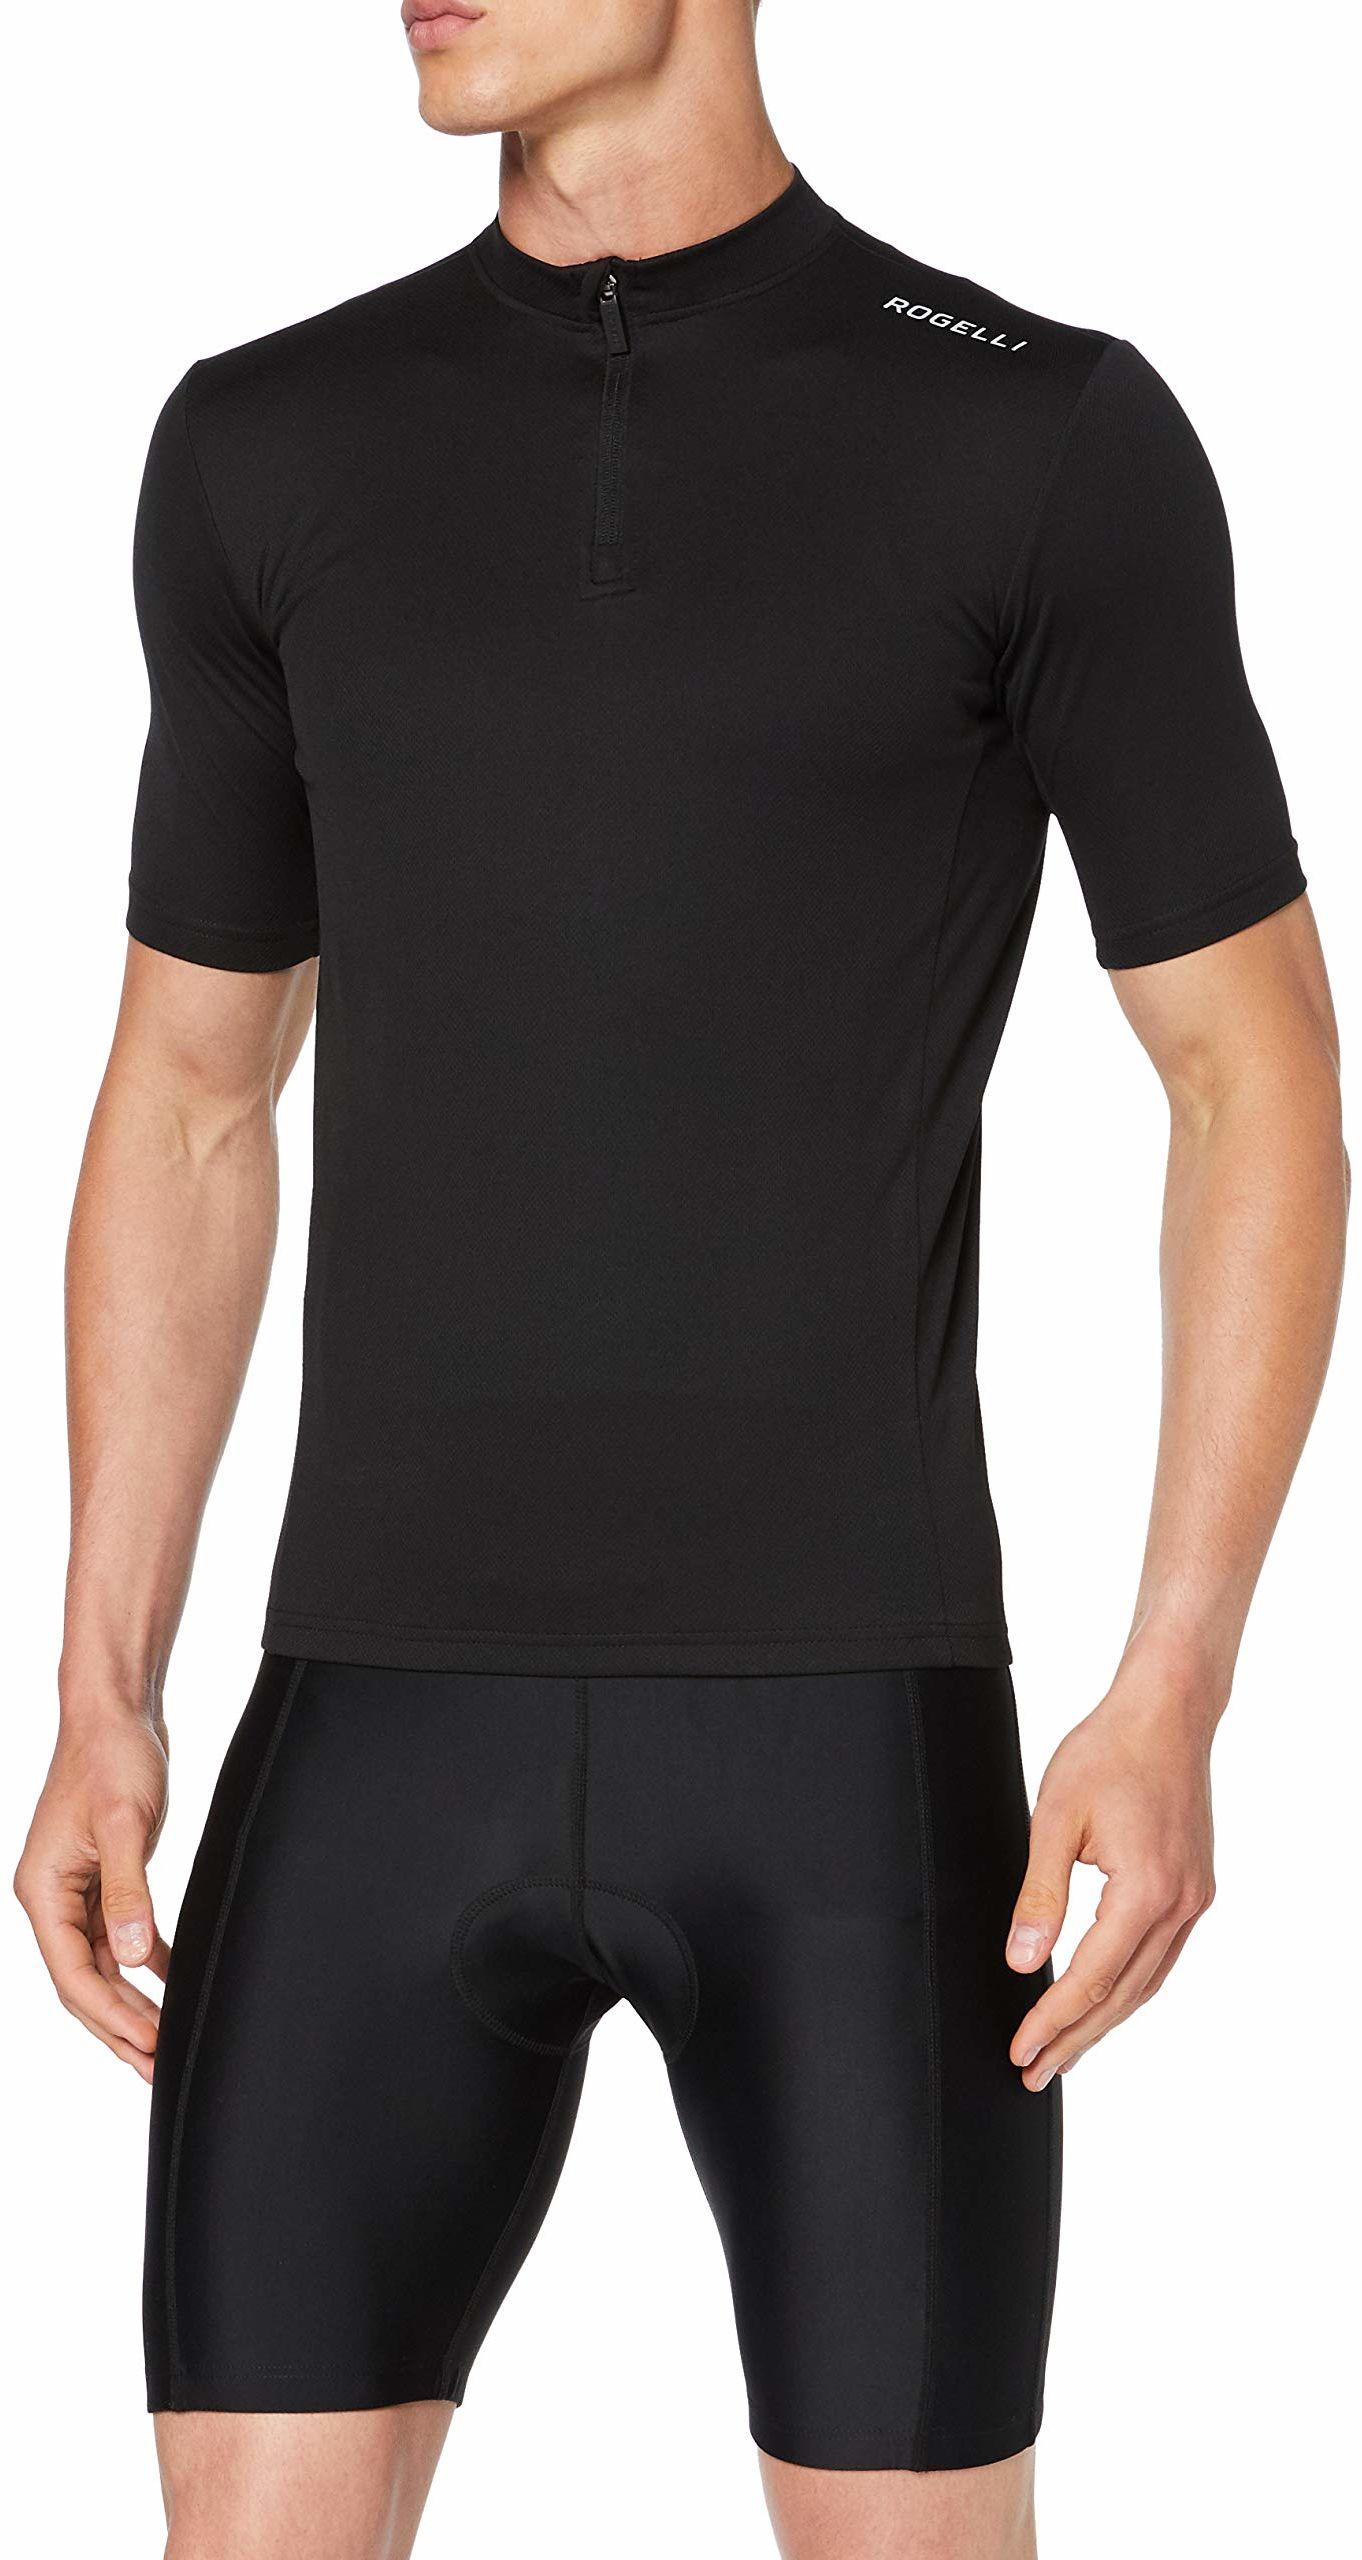 Rogelli Base Base koszulka męska czarny M